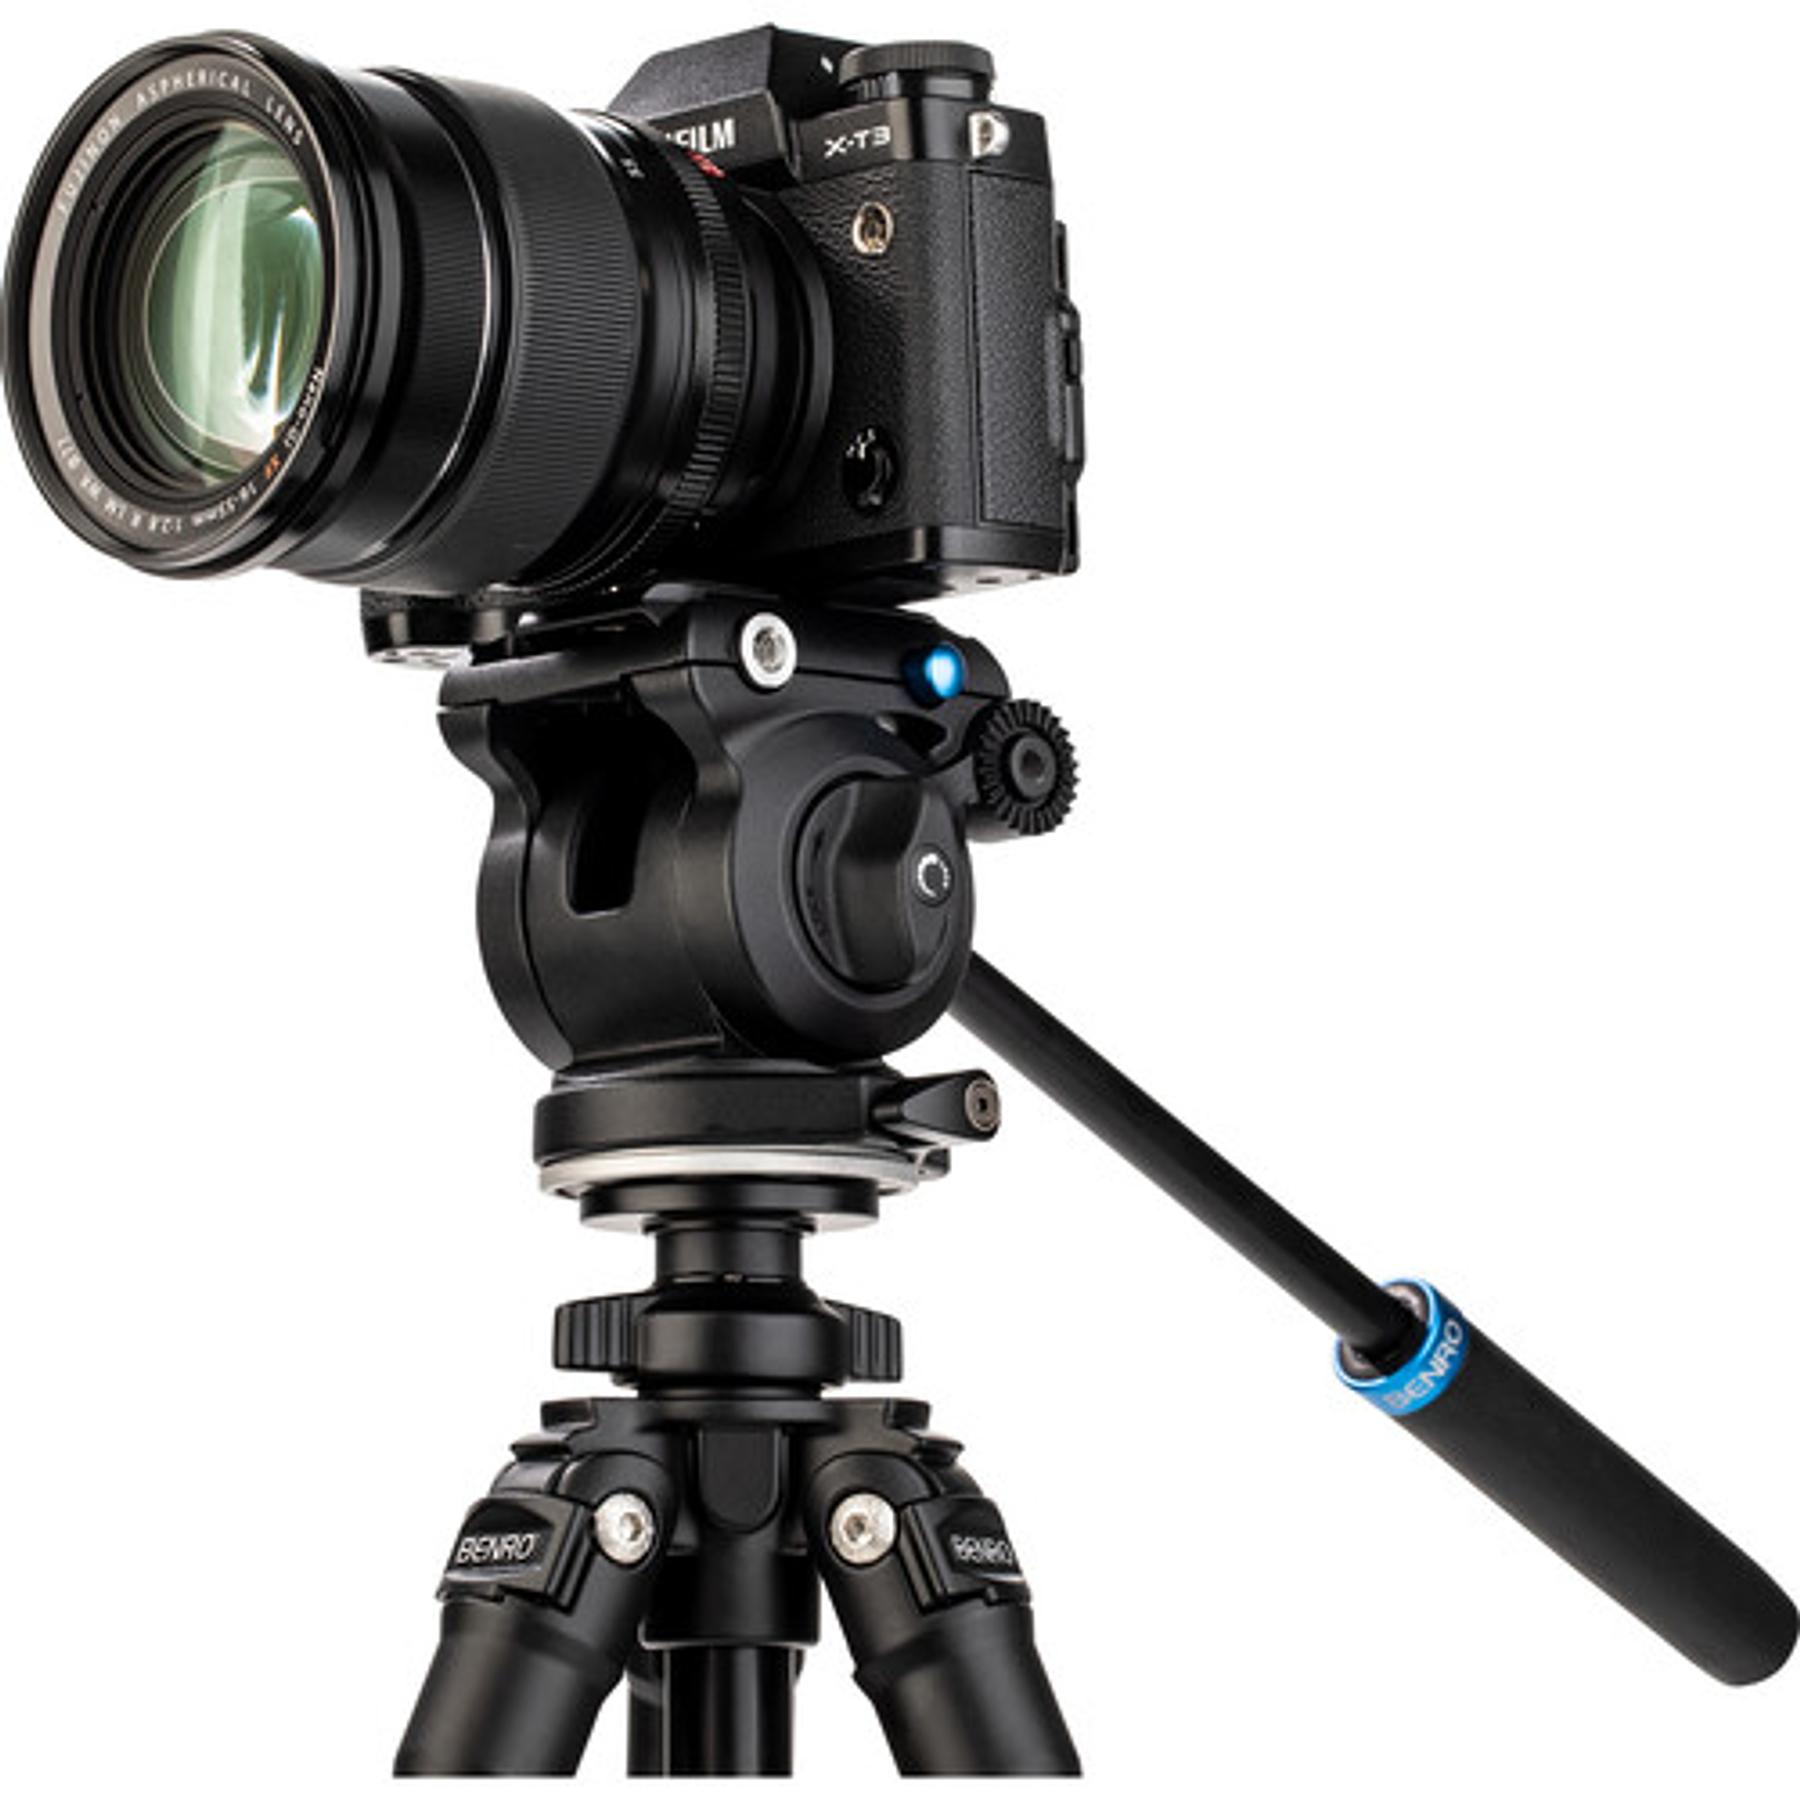 Cabezal de video de base plana Benro S2 PRO